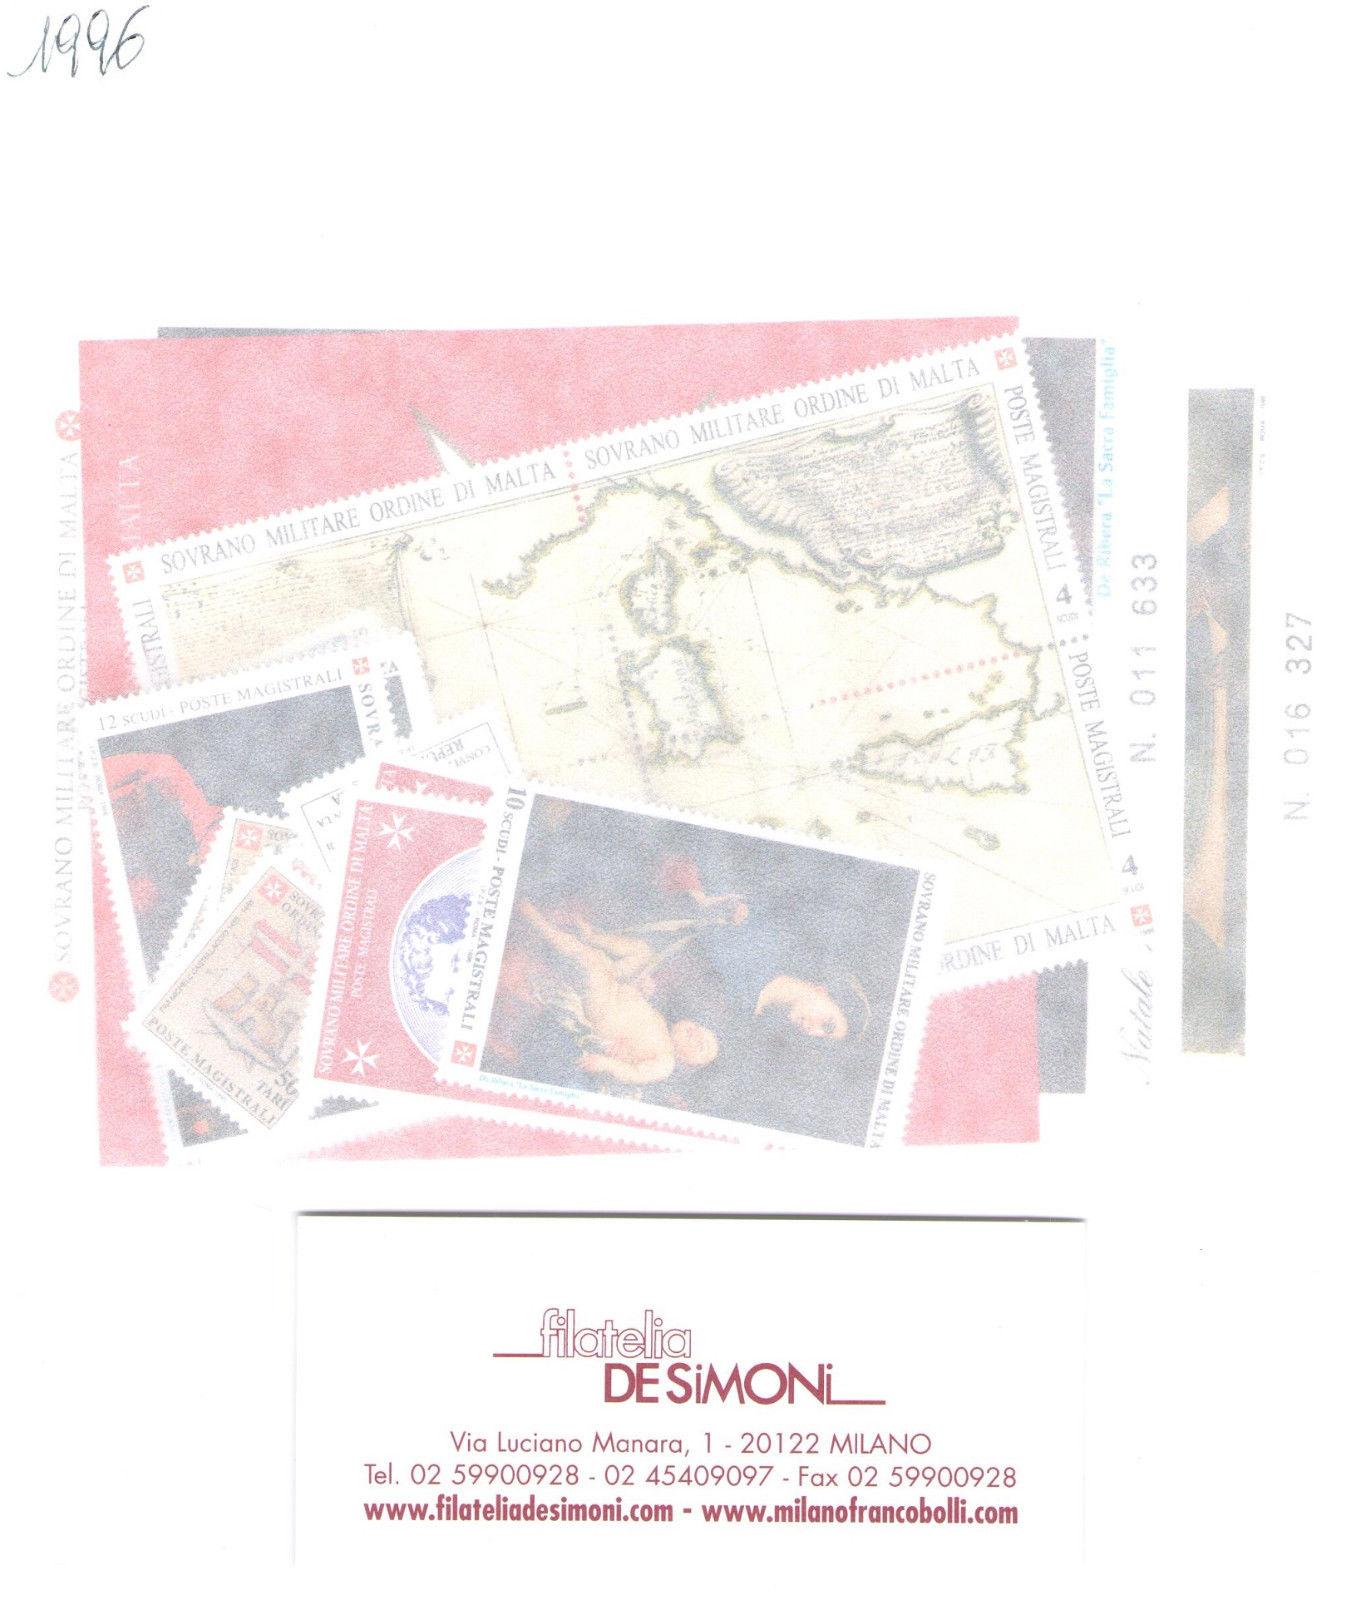 1996 Smom Annata completa 20 valori + 3 Foglietti MNH**